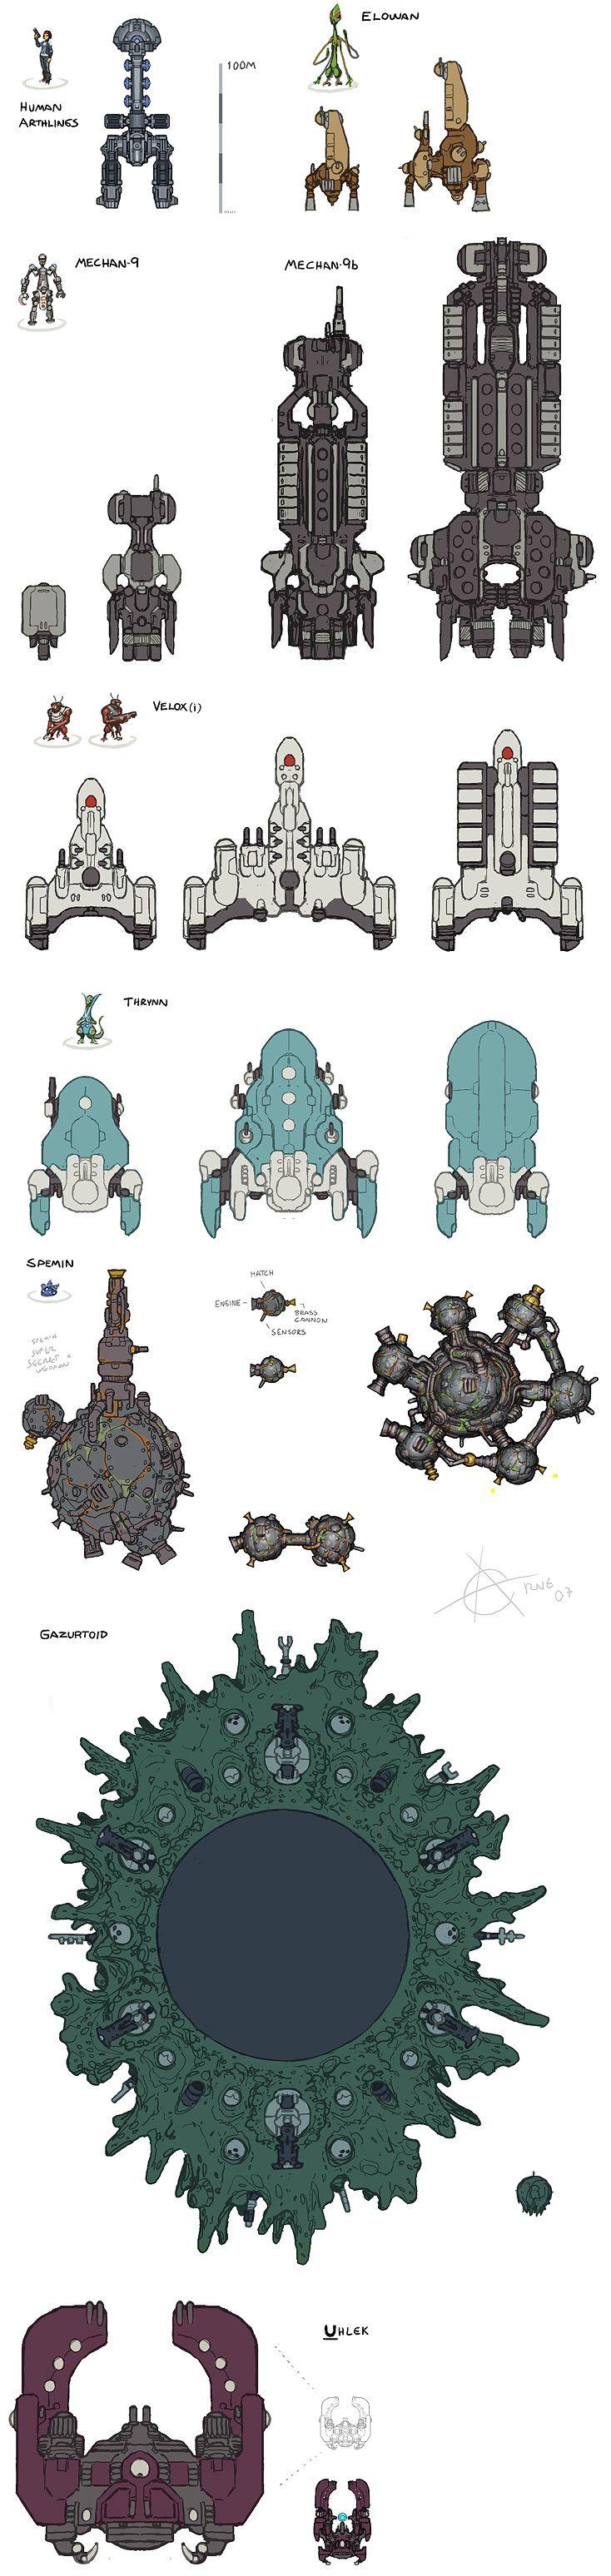 starflight 1 ships